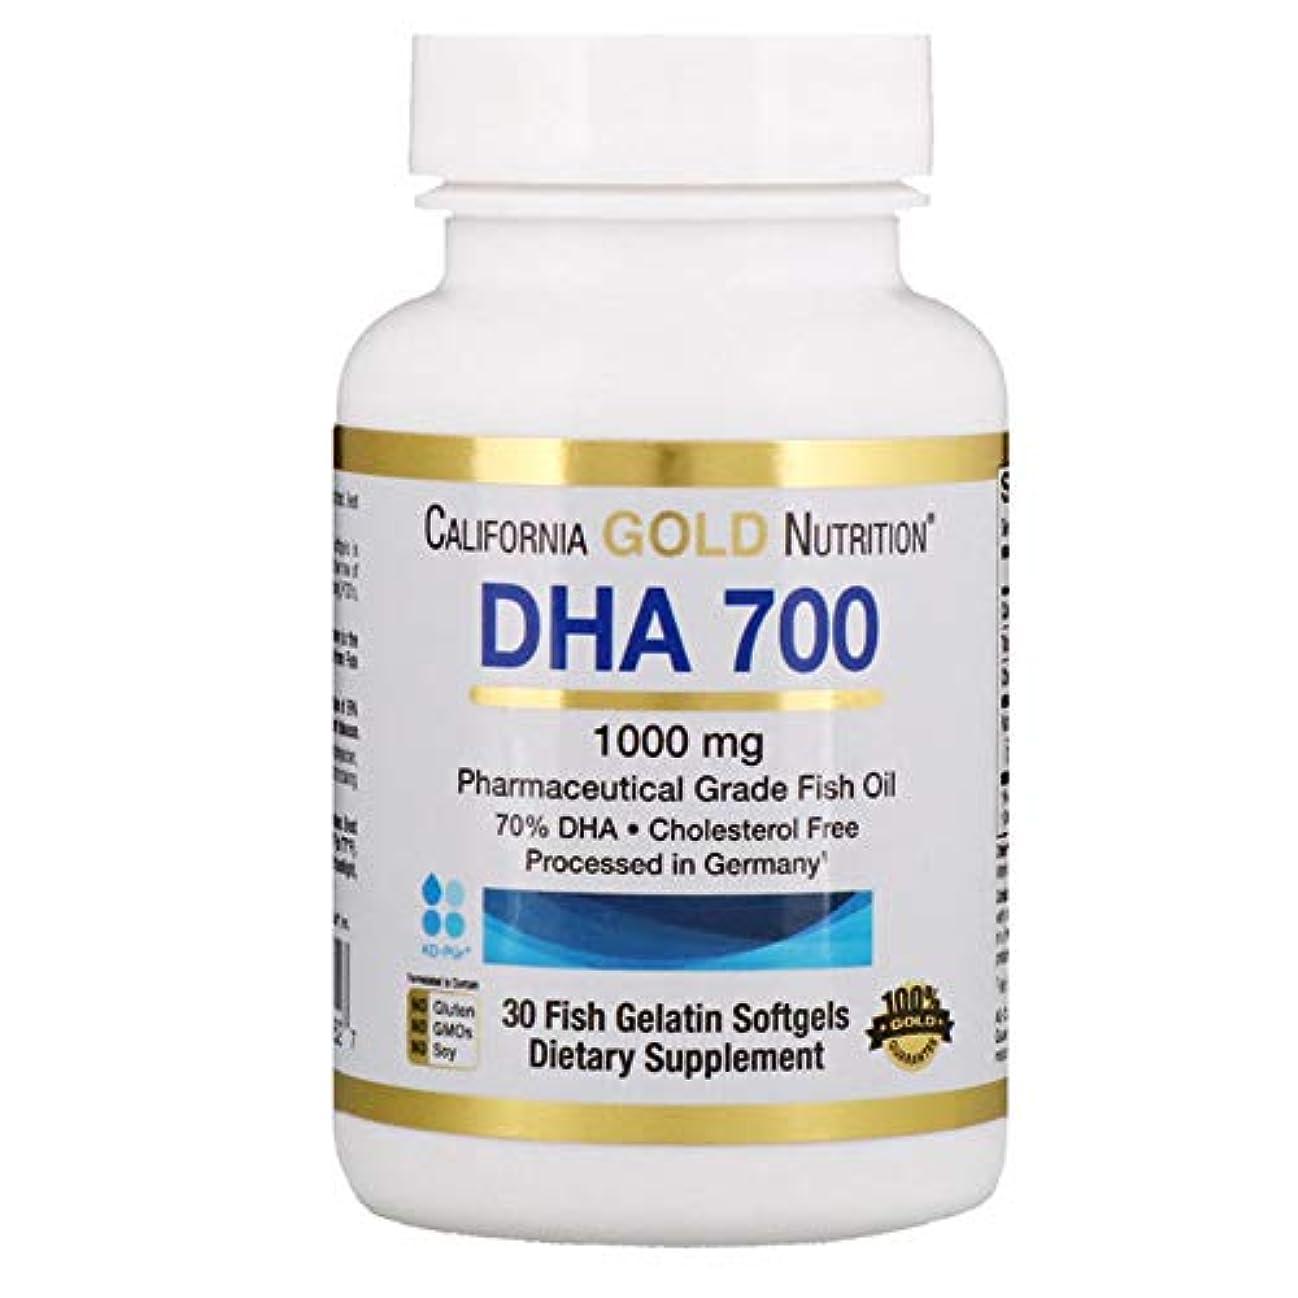 ジャンルタイルもつれCalifornia Gold Nutrition DHA 700 フィッシュオイル 医薬品グレード 1000 mg 魚ゼラチンソフトジェル 30個 【アメリカ直送】